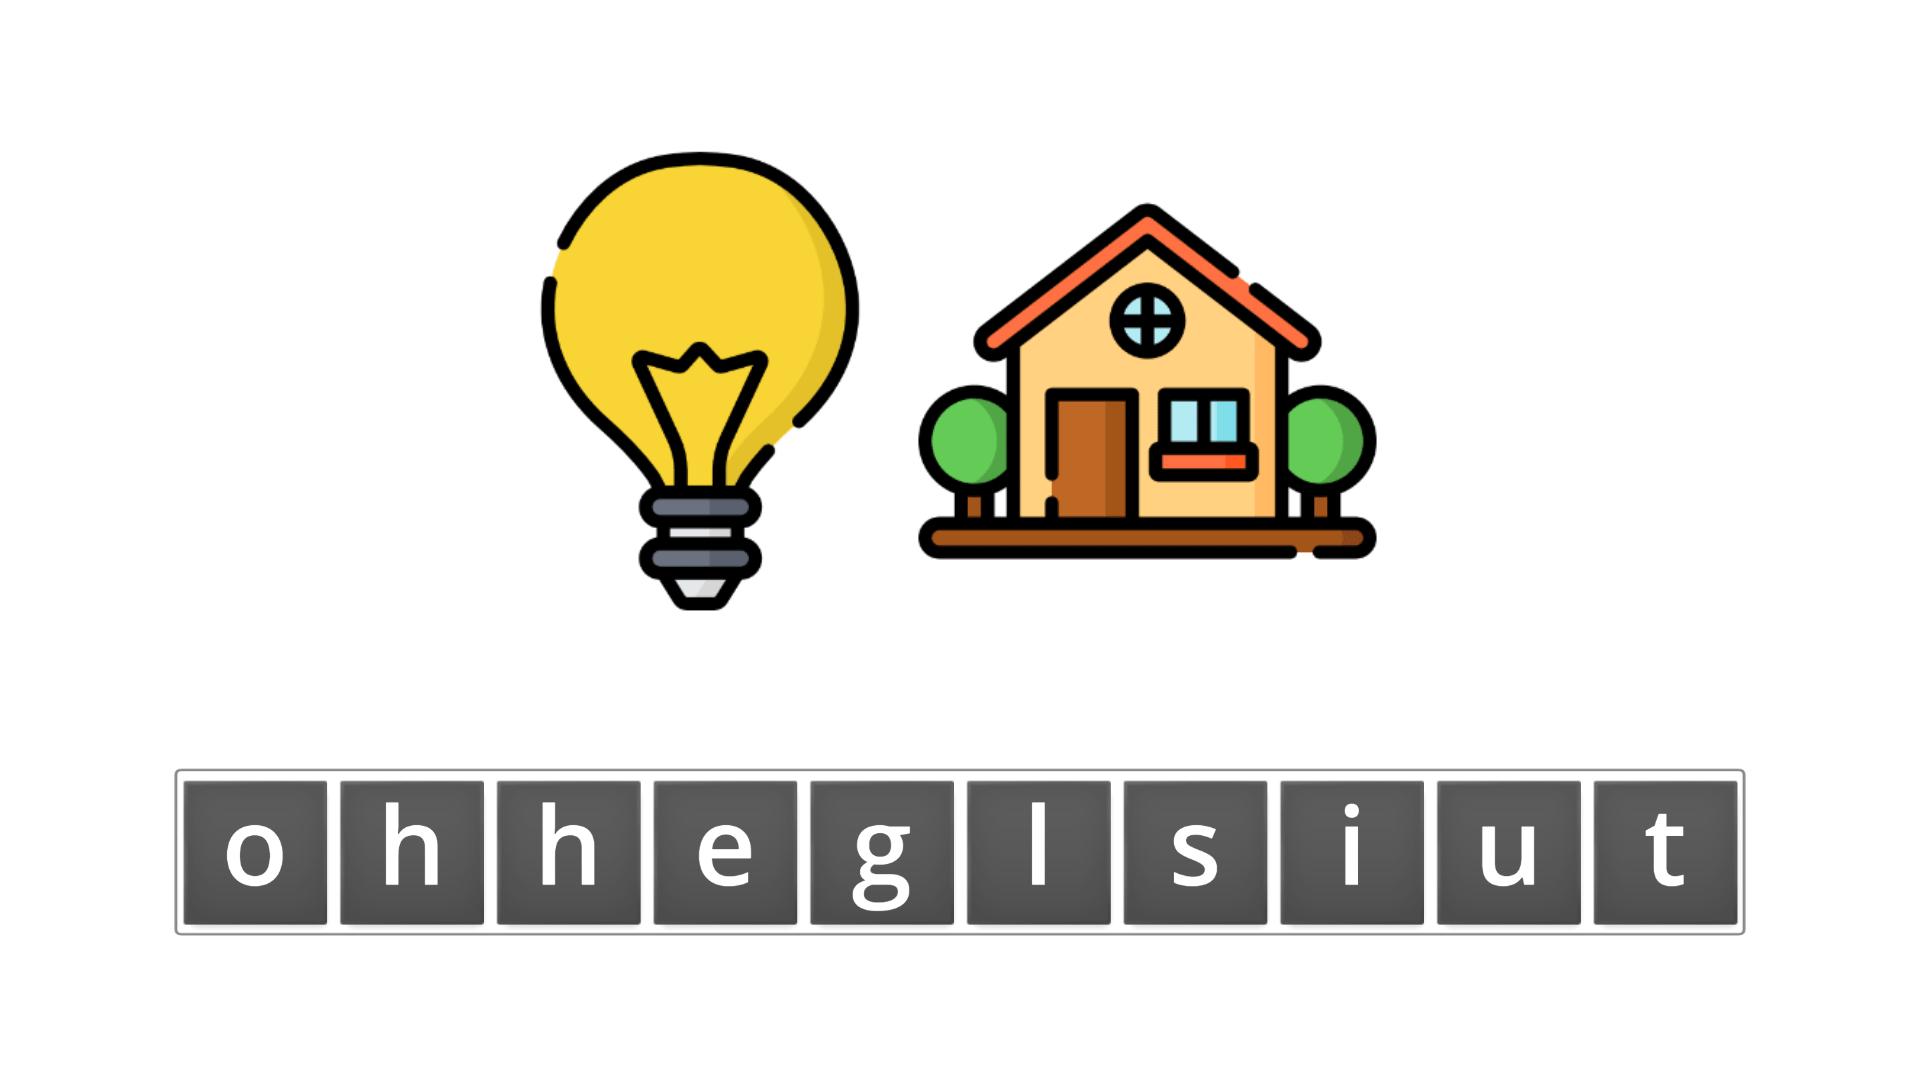 esl resources - flashcards - compound nouns  - unscramble - lighthouse